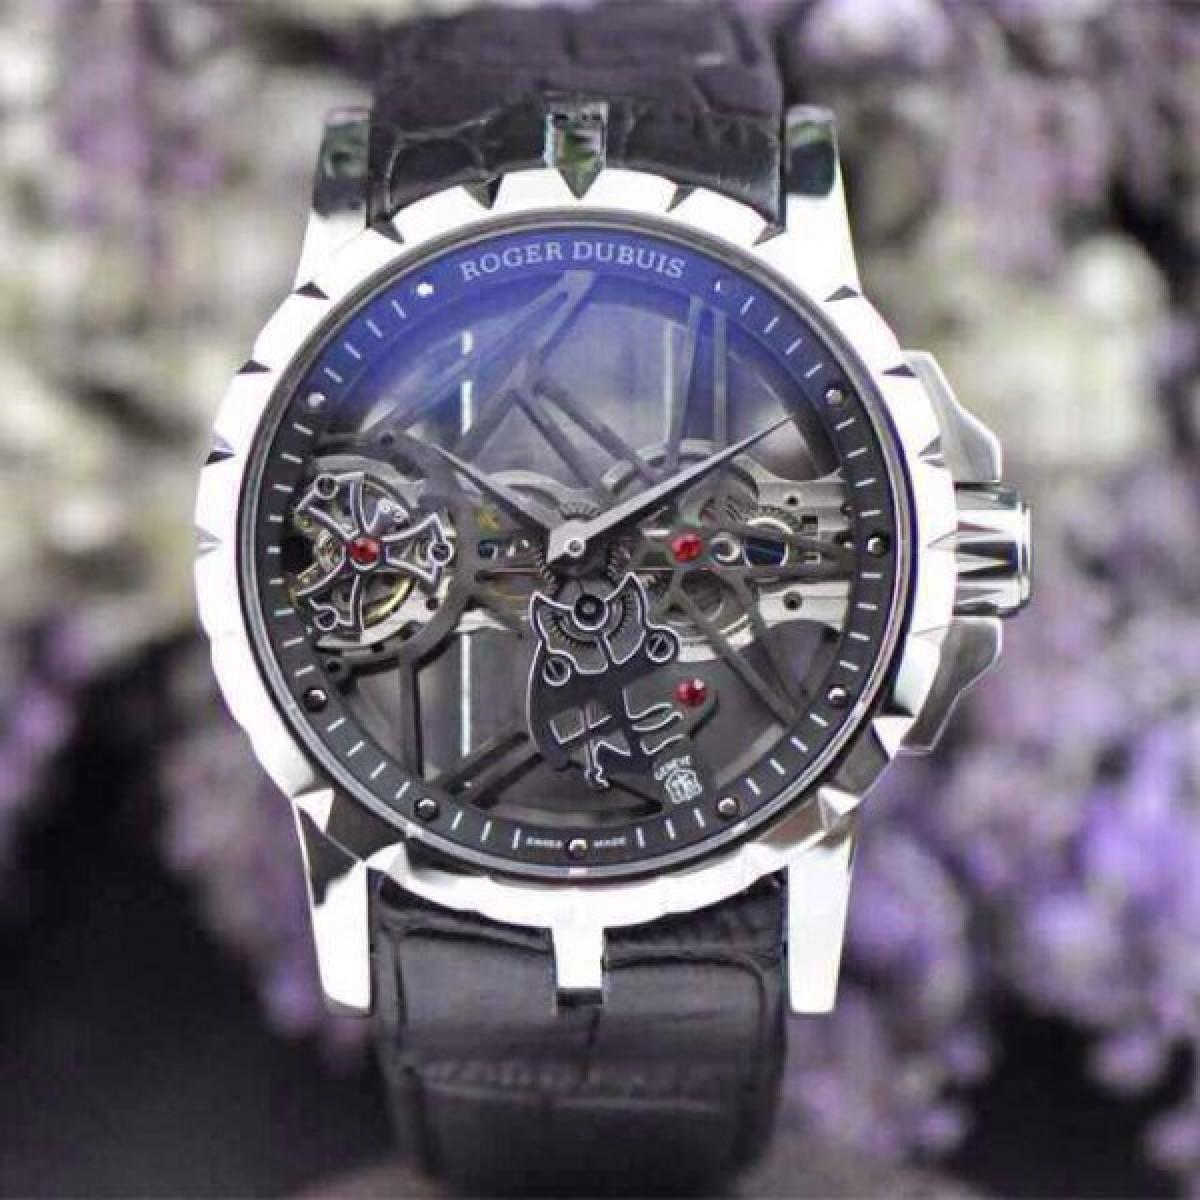 b399fda52a3 Relógio Réplica Roger Dubuis Esquelete Preto New